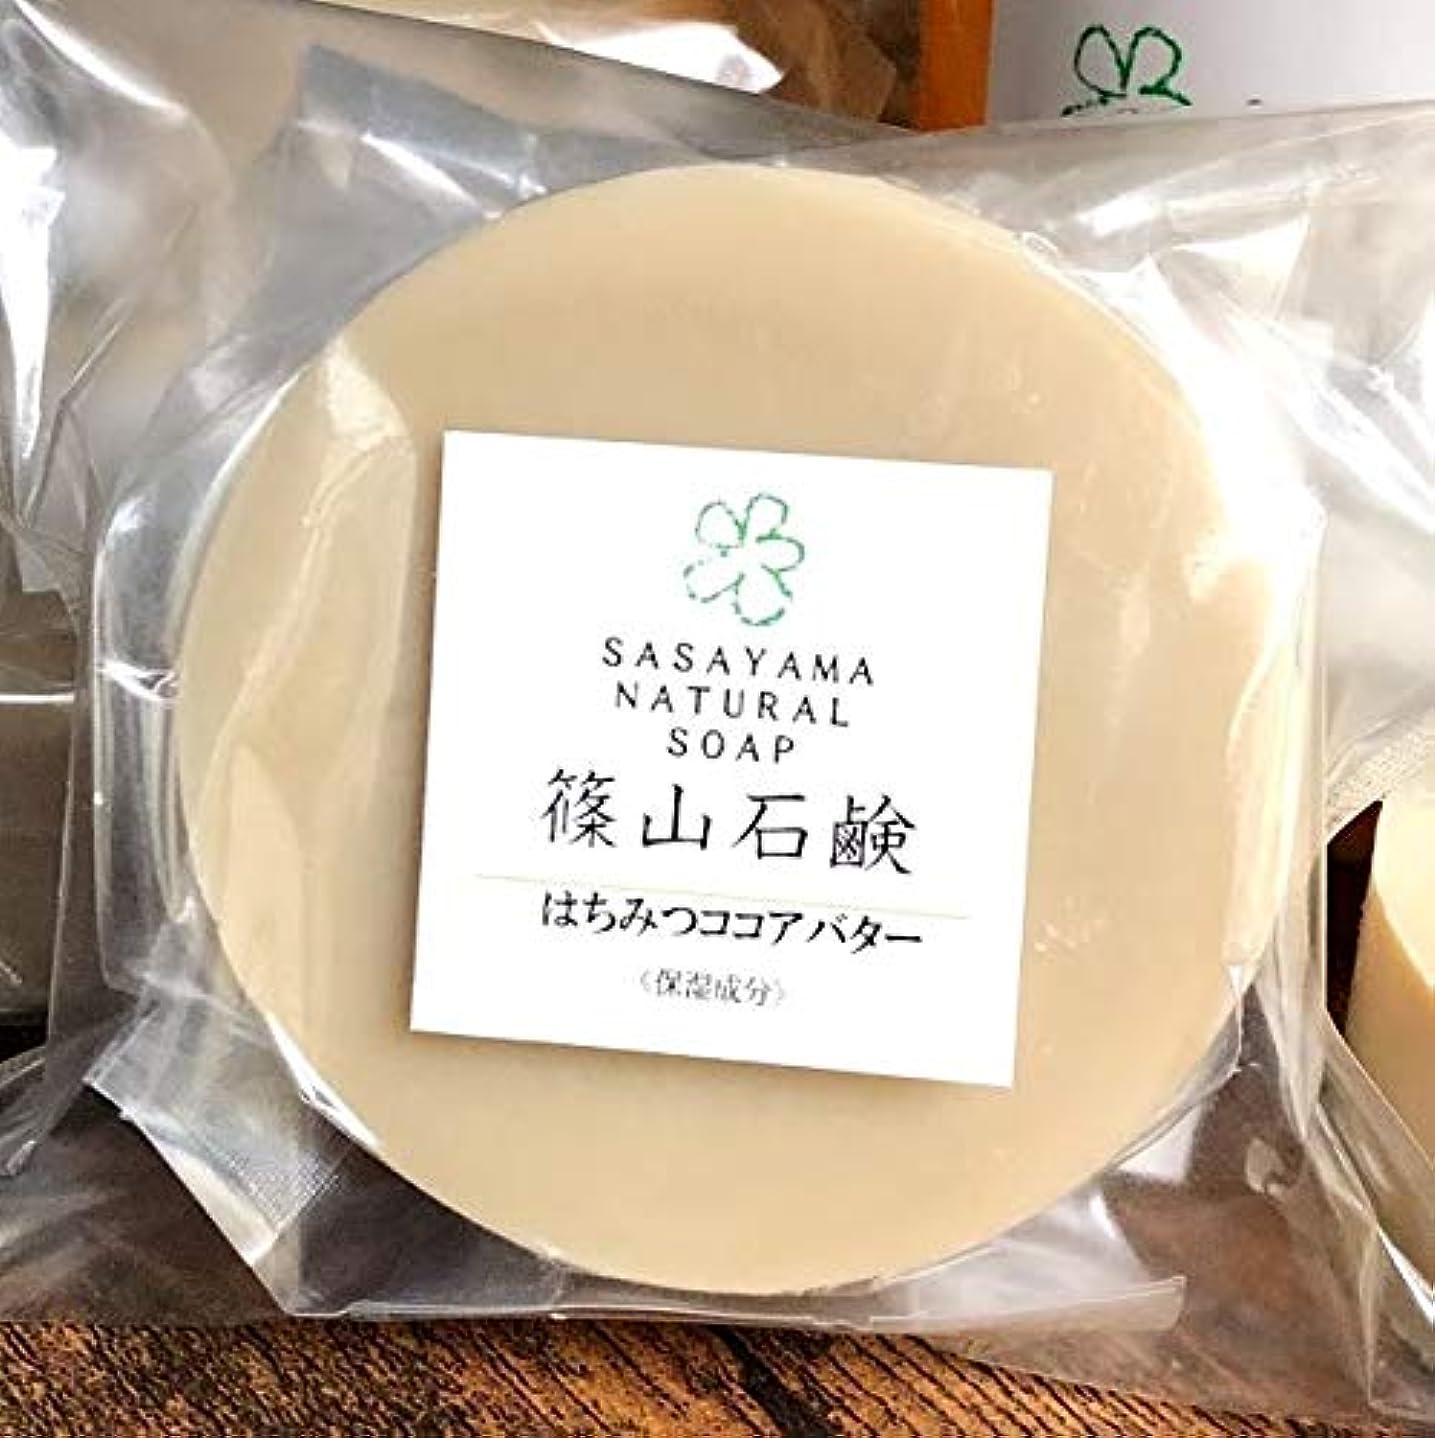 オーブン傭兵注文篠山石鹸 はちみつココアバター 85g ミツバチ農家が作るった「ハチミツ洗顔せっけん」) コールドプロセス製法